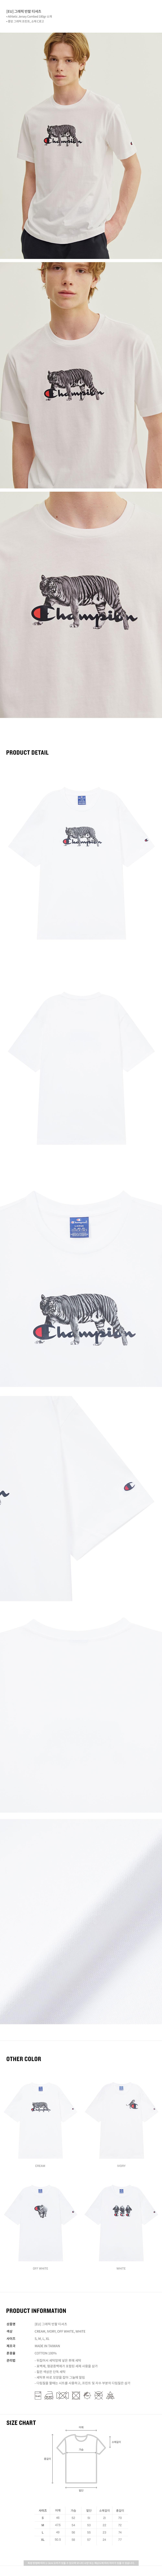 챔피온 유럽(CHAMPION EU) [EU] 그래픽 반팔 티셔츠 (CREAM) CKTS1E440CR